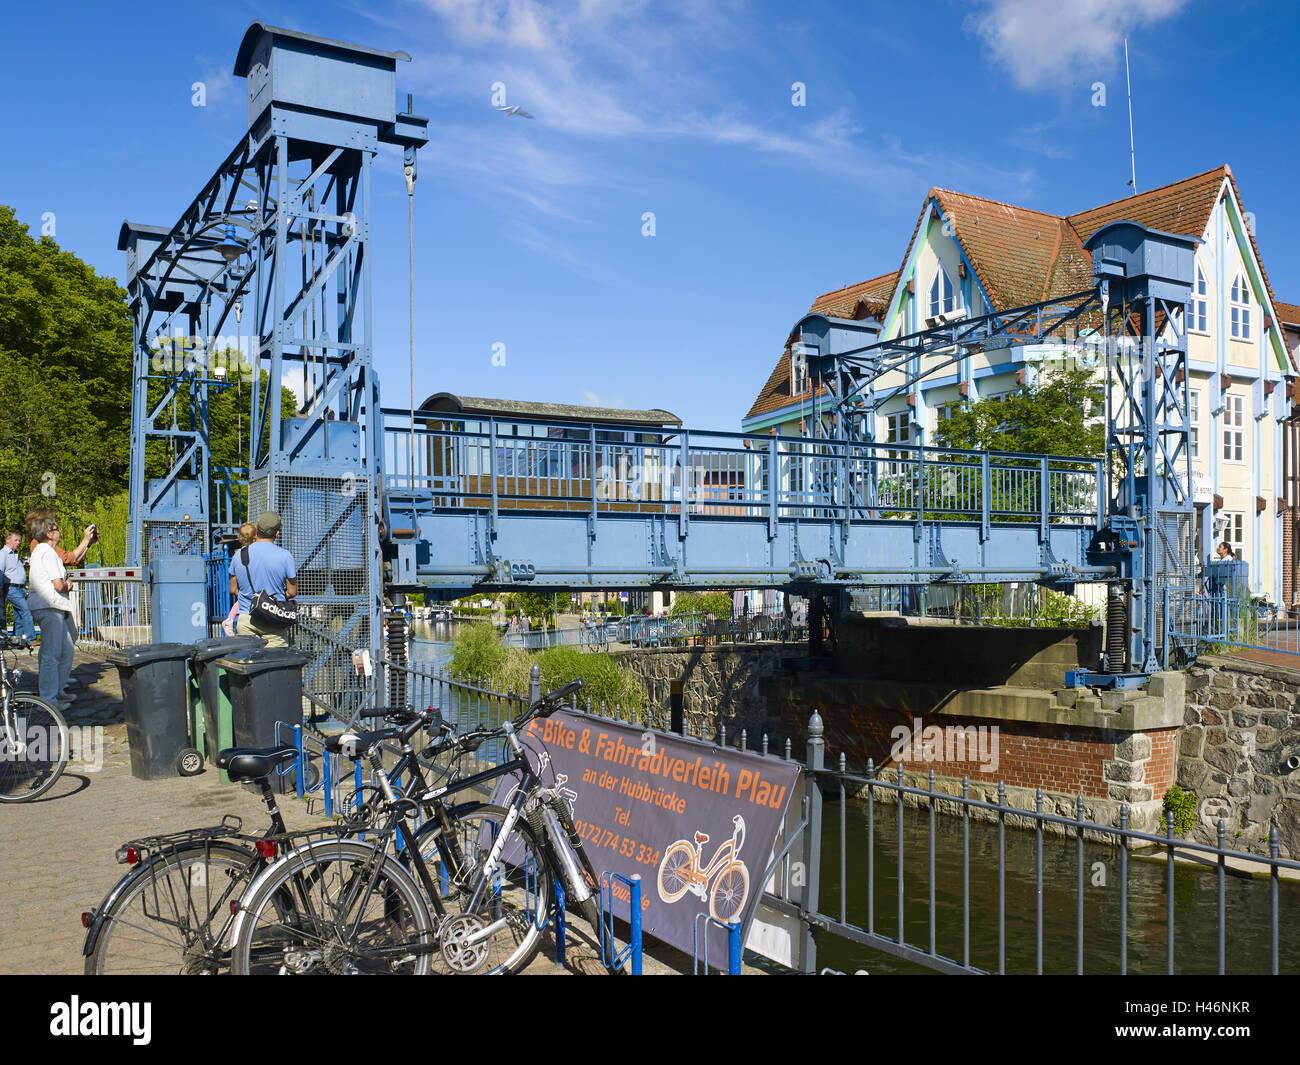 Lift bridge on Eldekanal in Plau am See at the Müritz-Elde waterway, Mecklenburg Western Pomerania, Germany - Stock Image